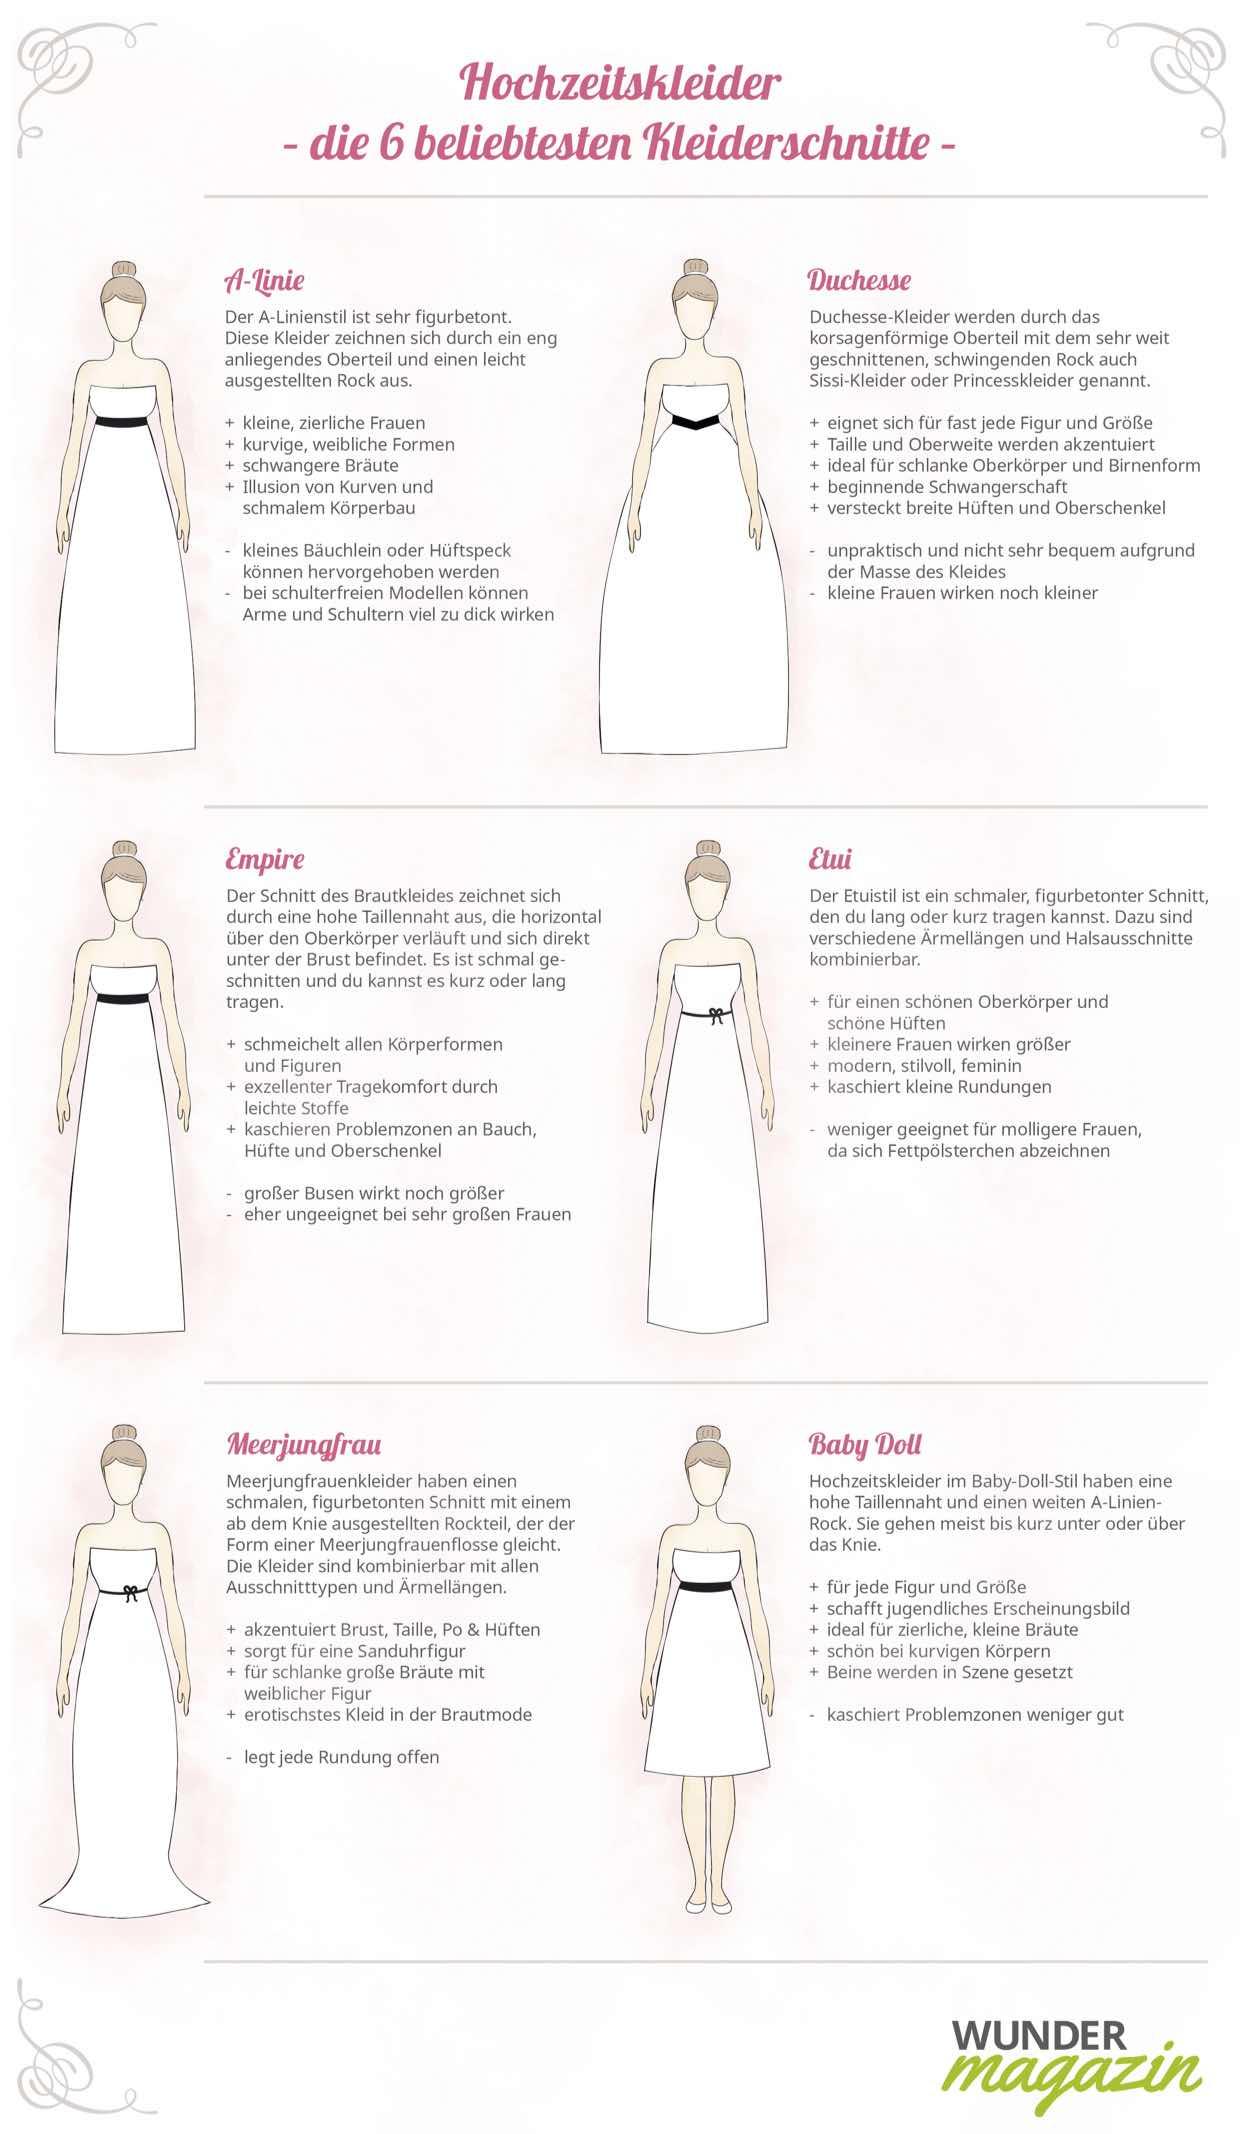 Das Perfekte Brautkleid Fur Alle Figurtypen Wunderkarten Magazin